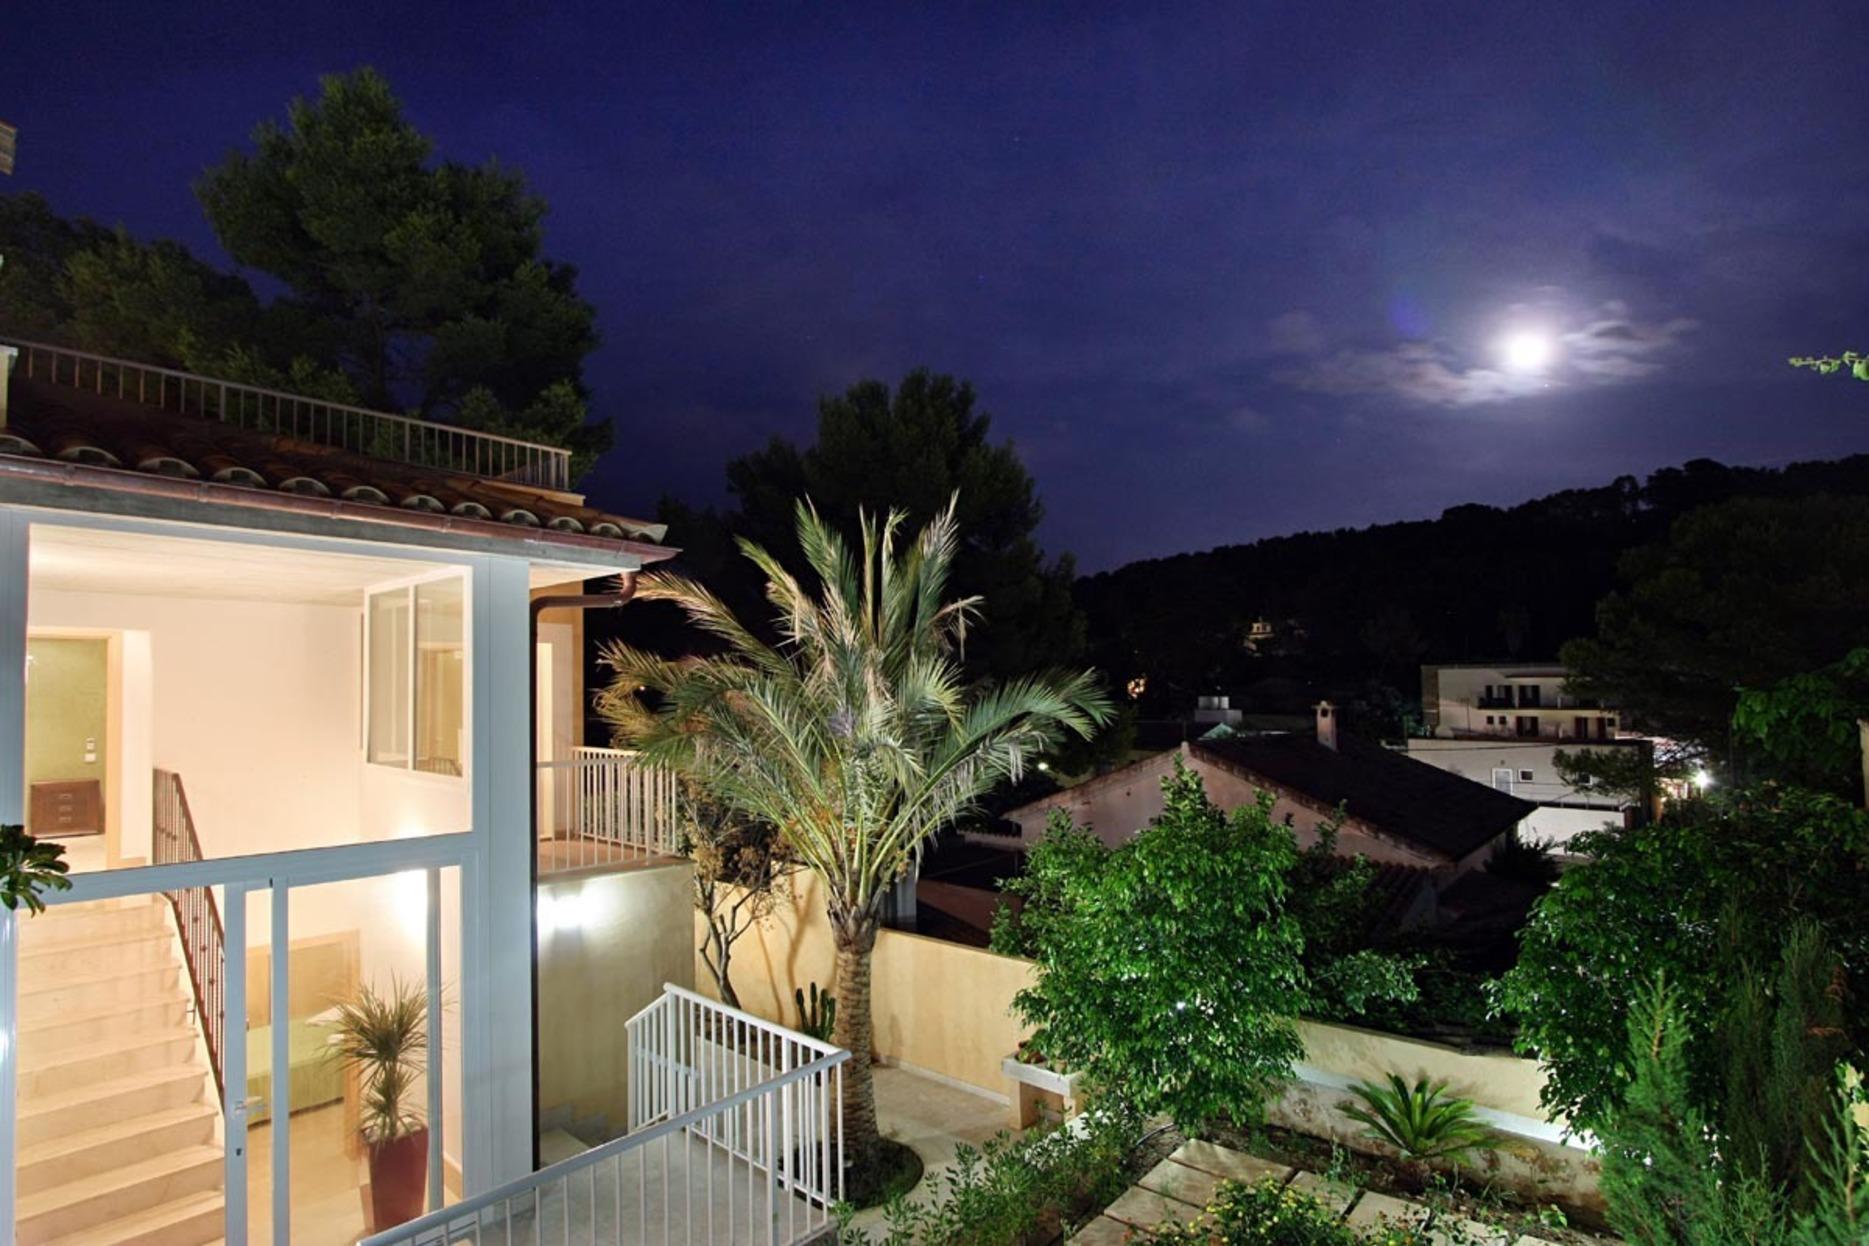 103196 -  Villa in Cala Sant Vicenç